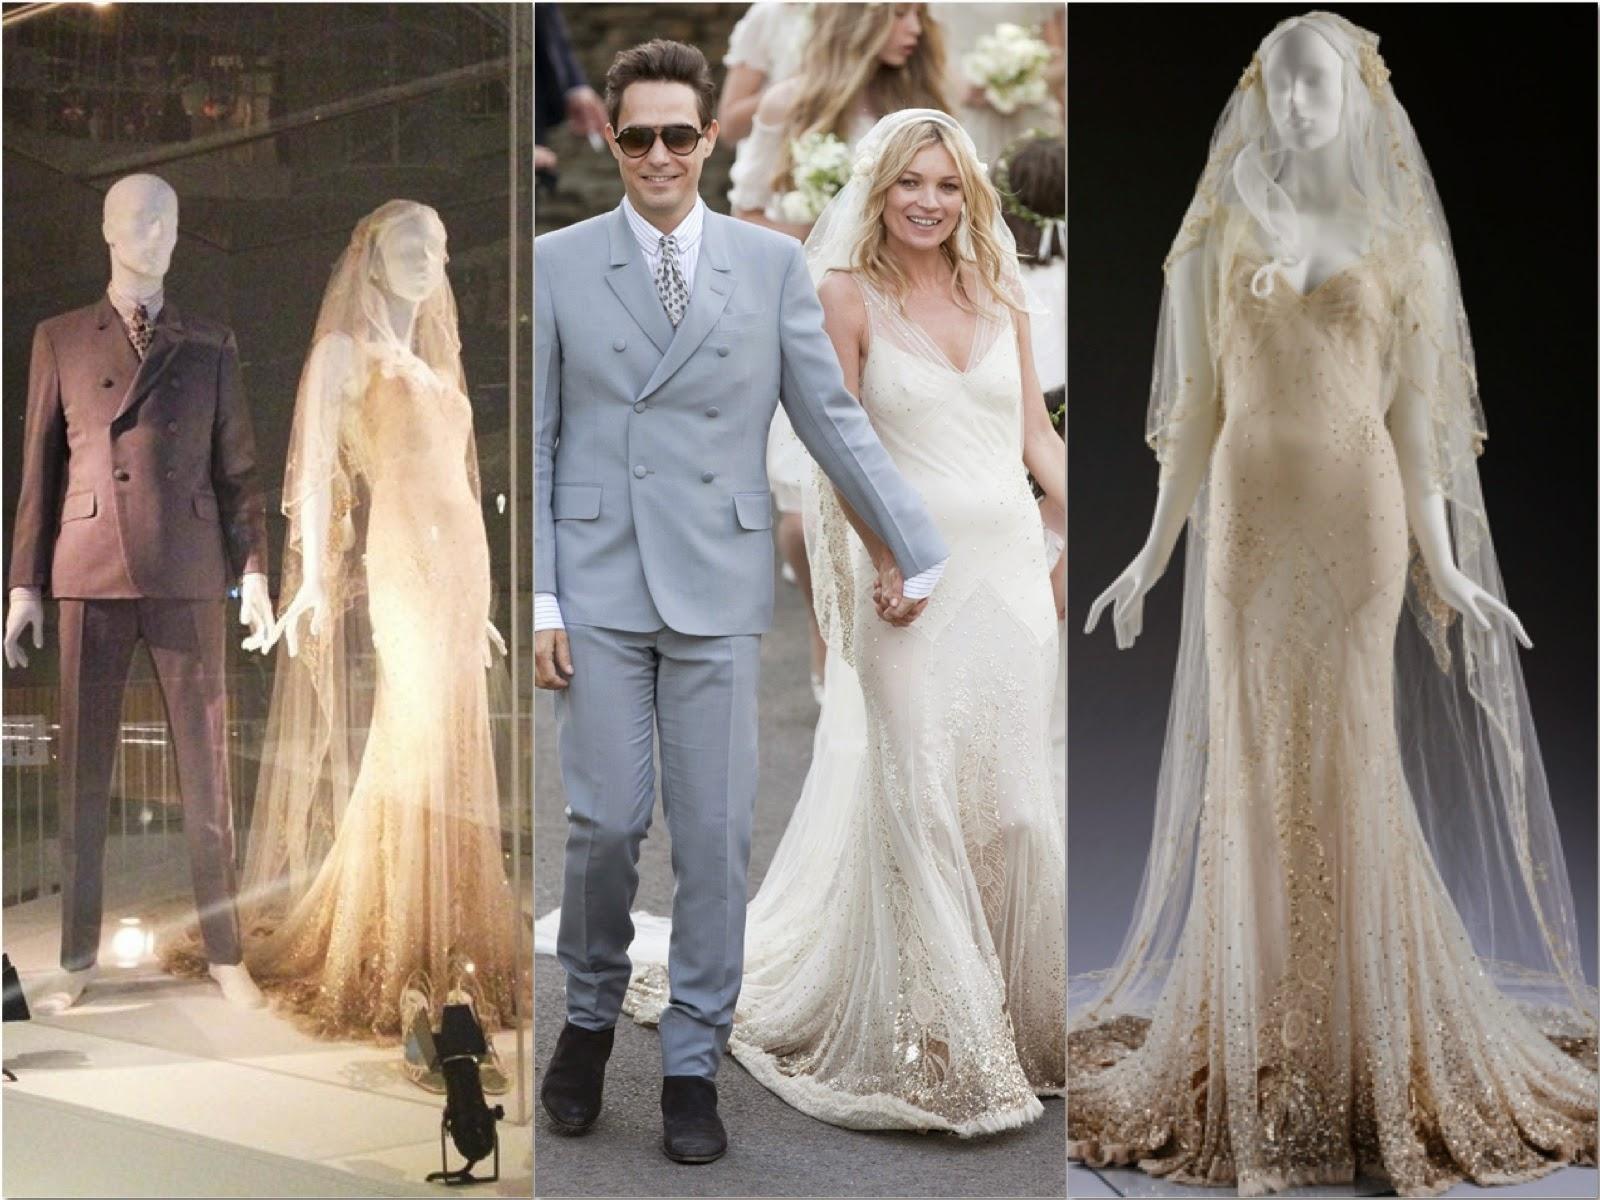 Gwen Stefani Hochzeitskleid  Persunshop